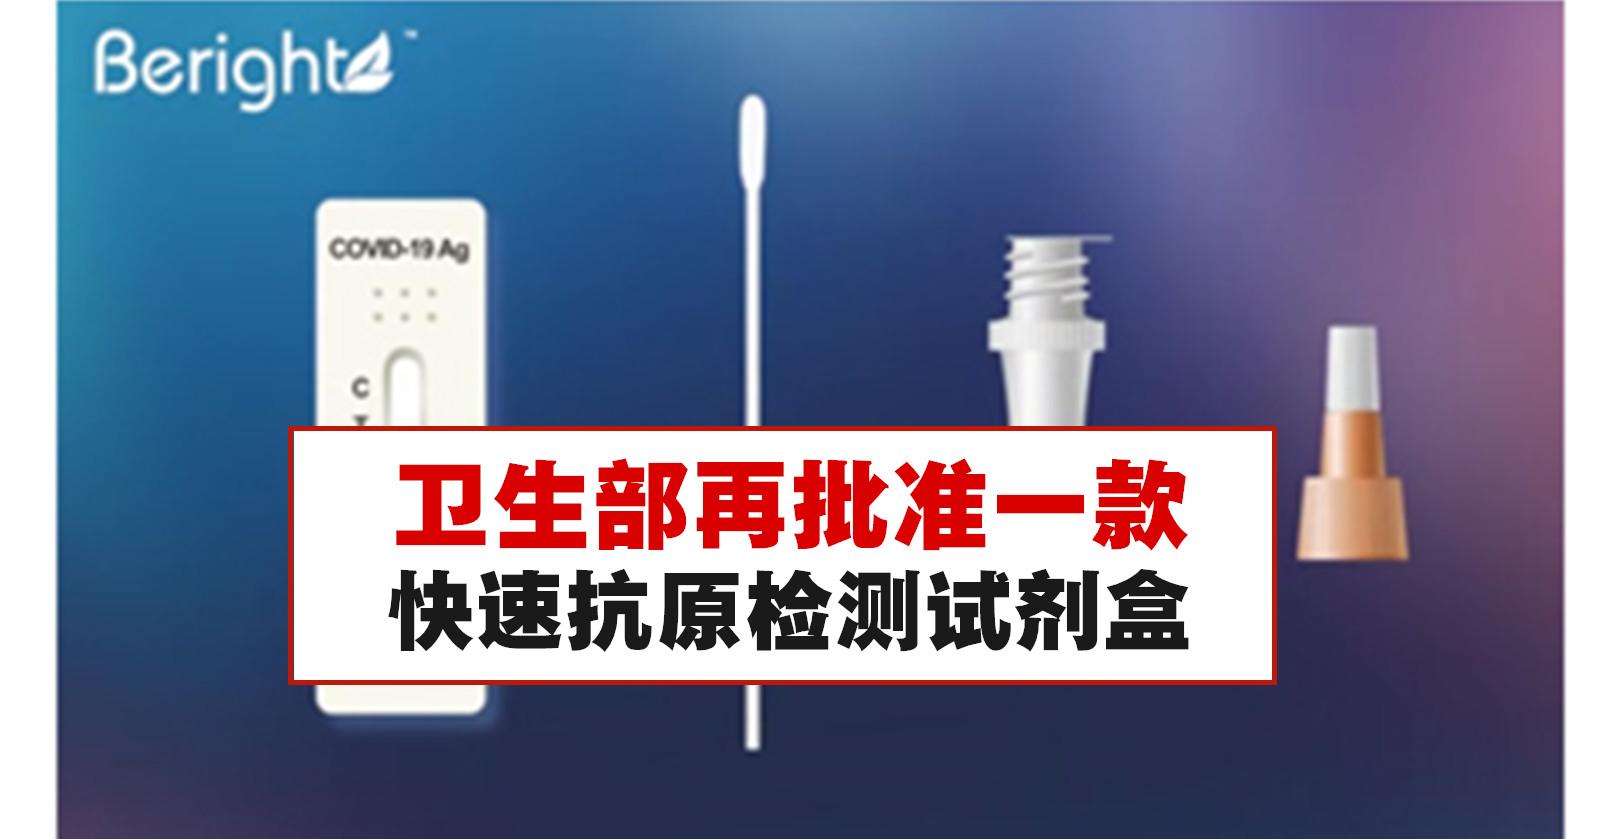 卫生部再批准一款快速抗原检测试剂盒